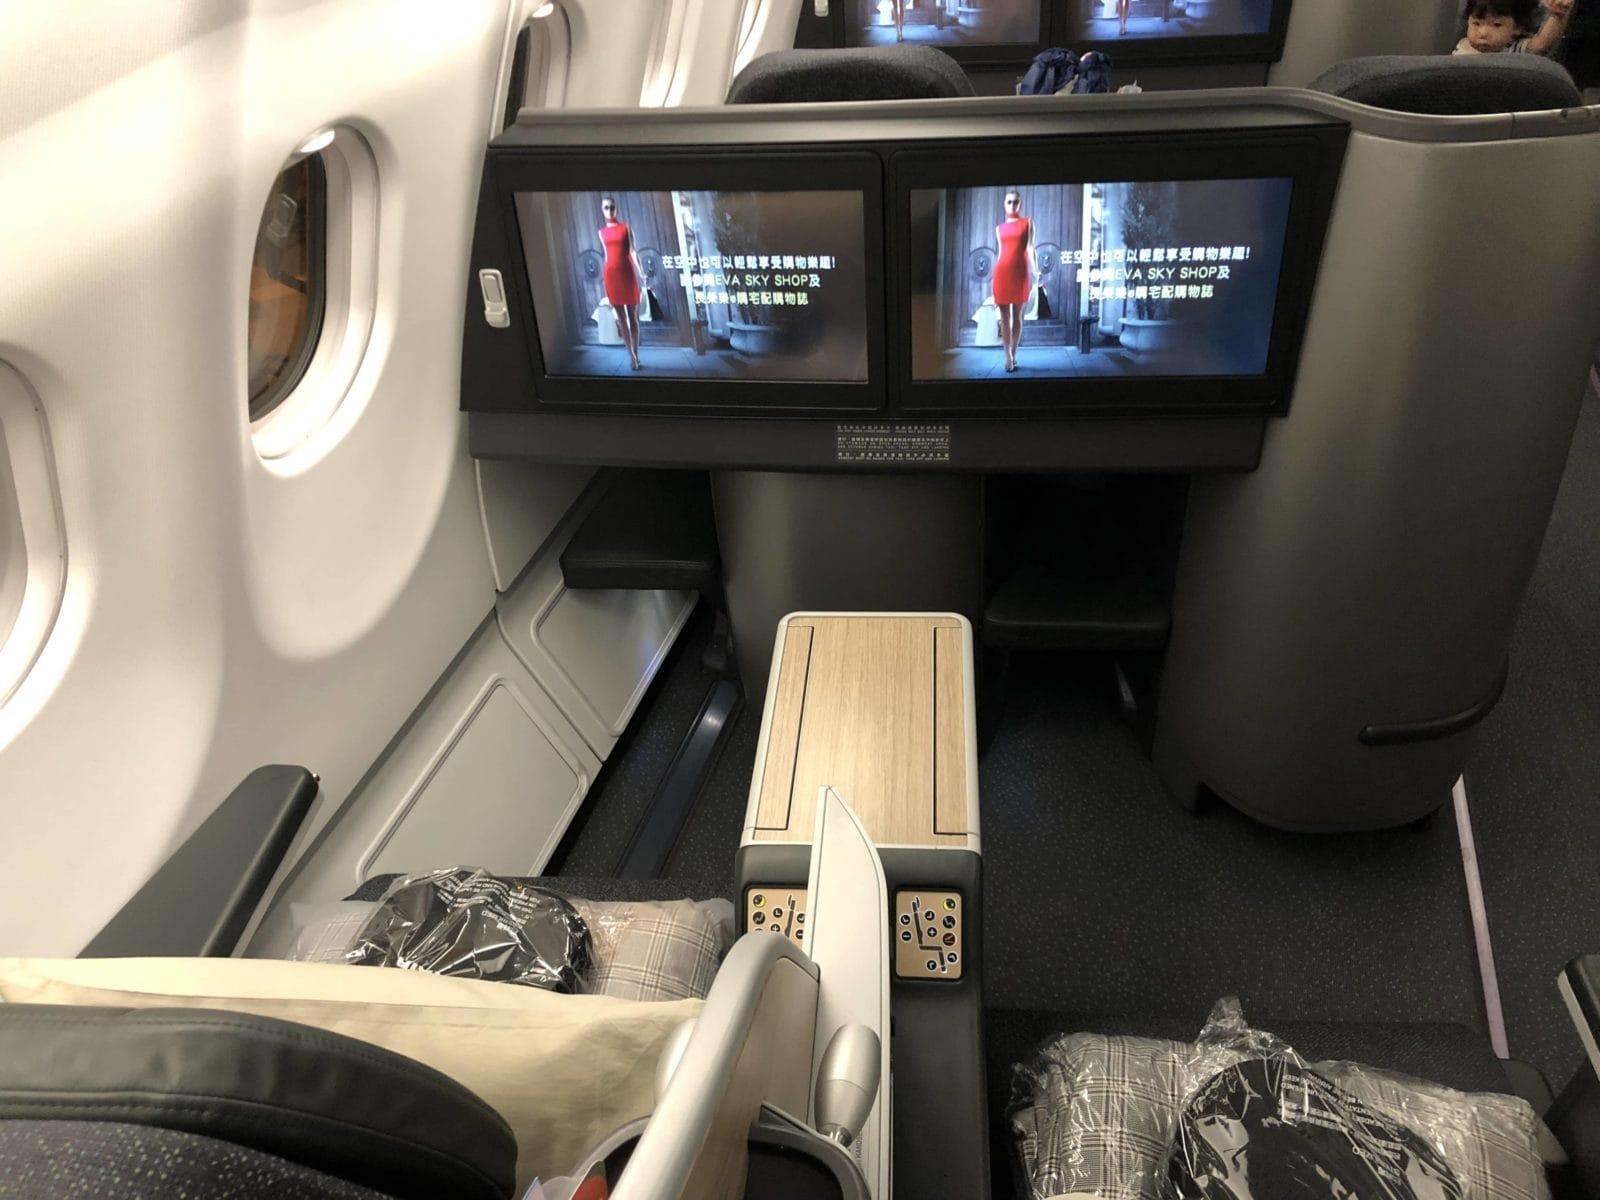 EVA Air Business Class A330-300 Sitze von hinten